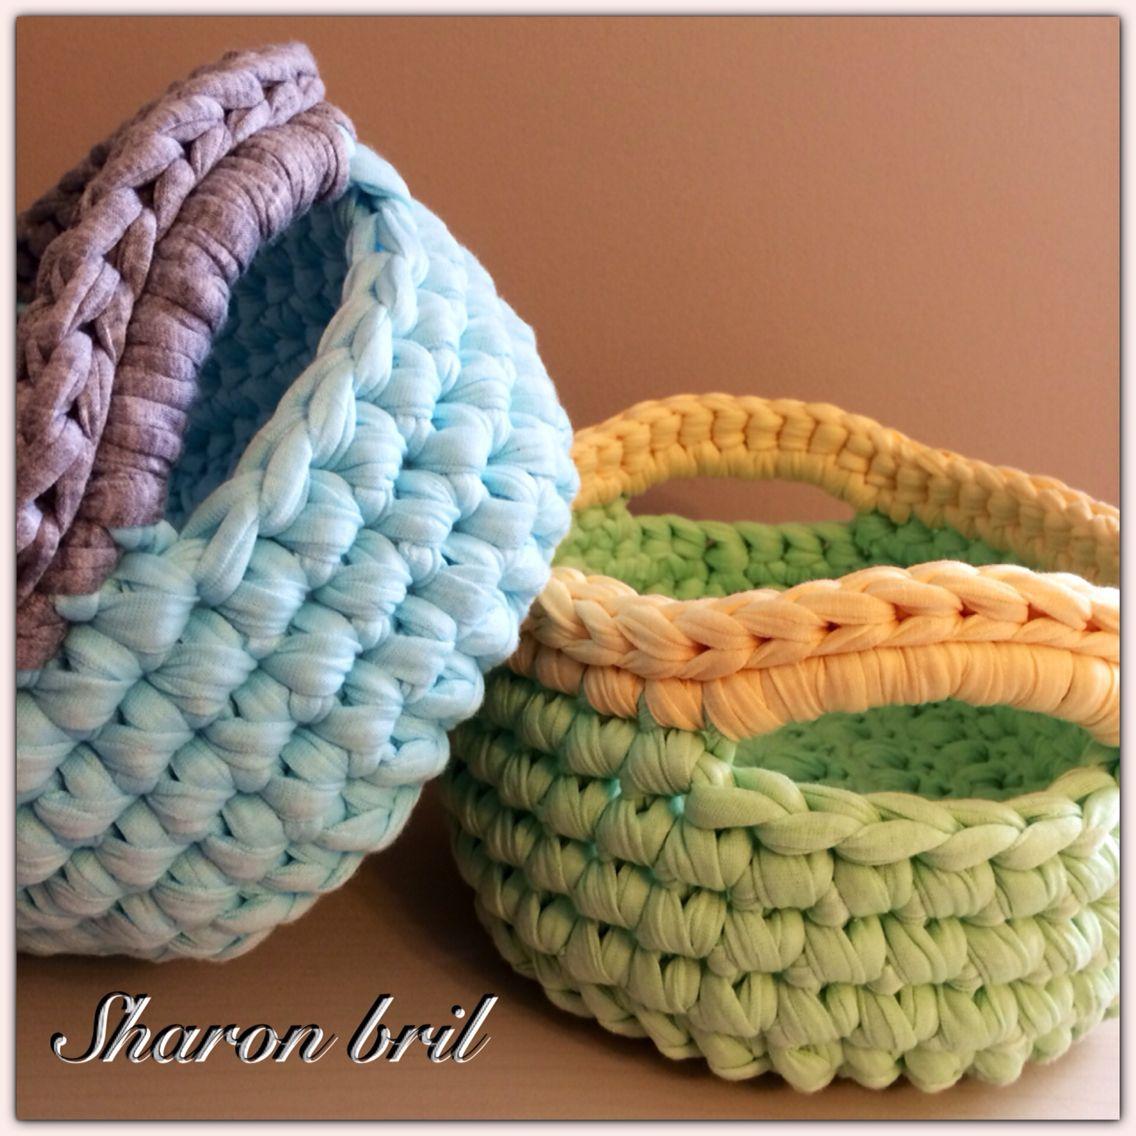 Pin von Sharon Bril auf Crochet baskets   Pinterest   Häkeln ...